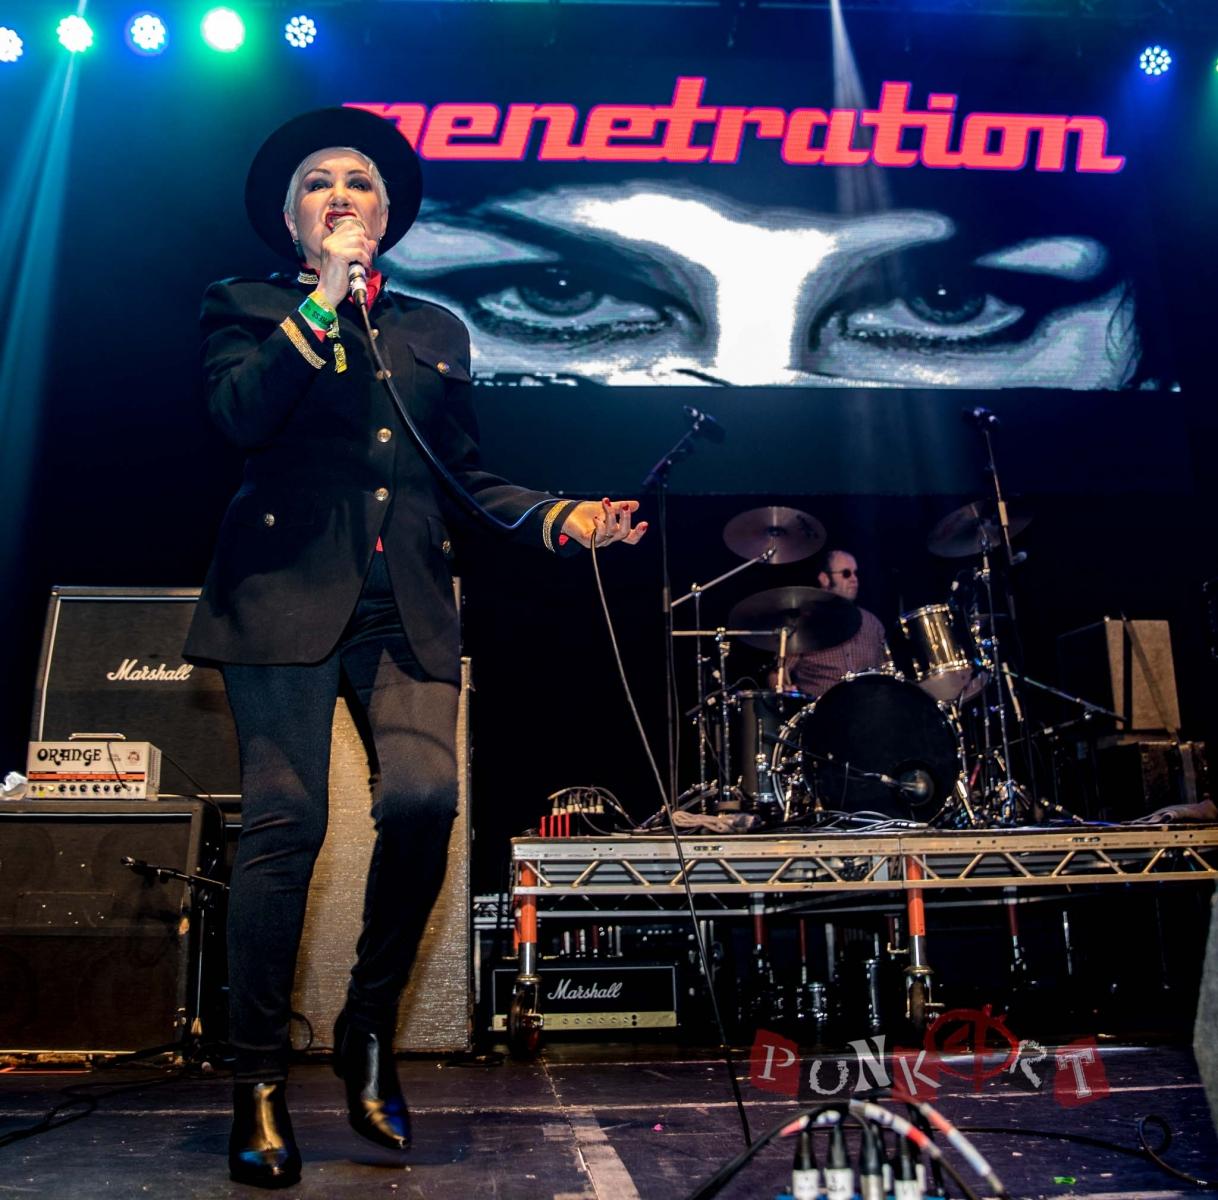 Penetration-4